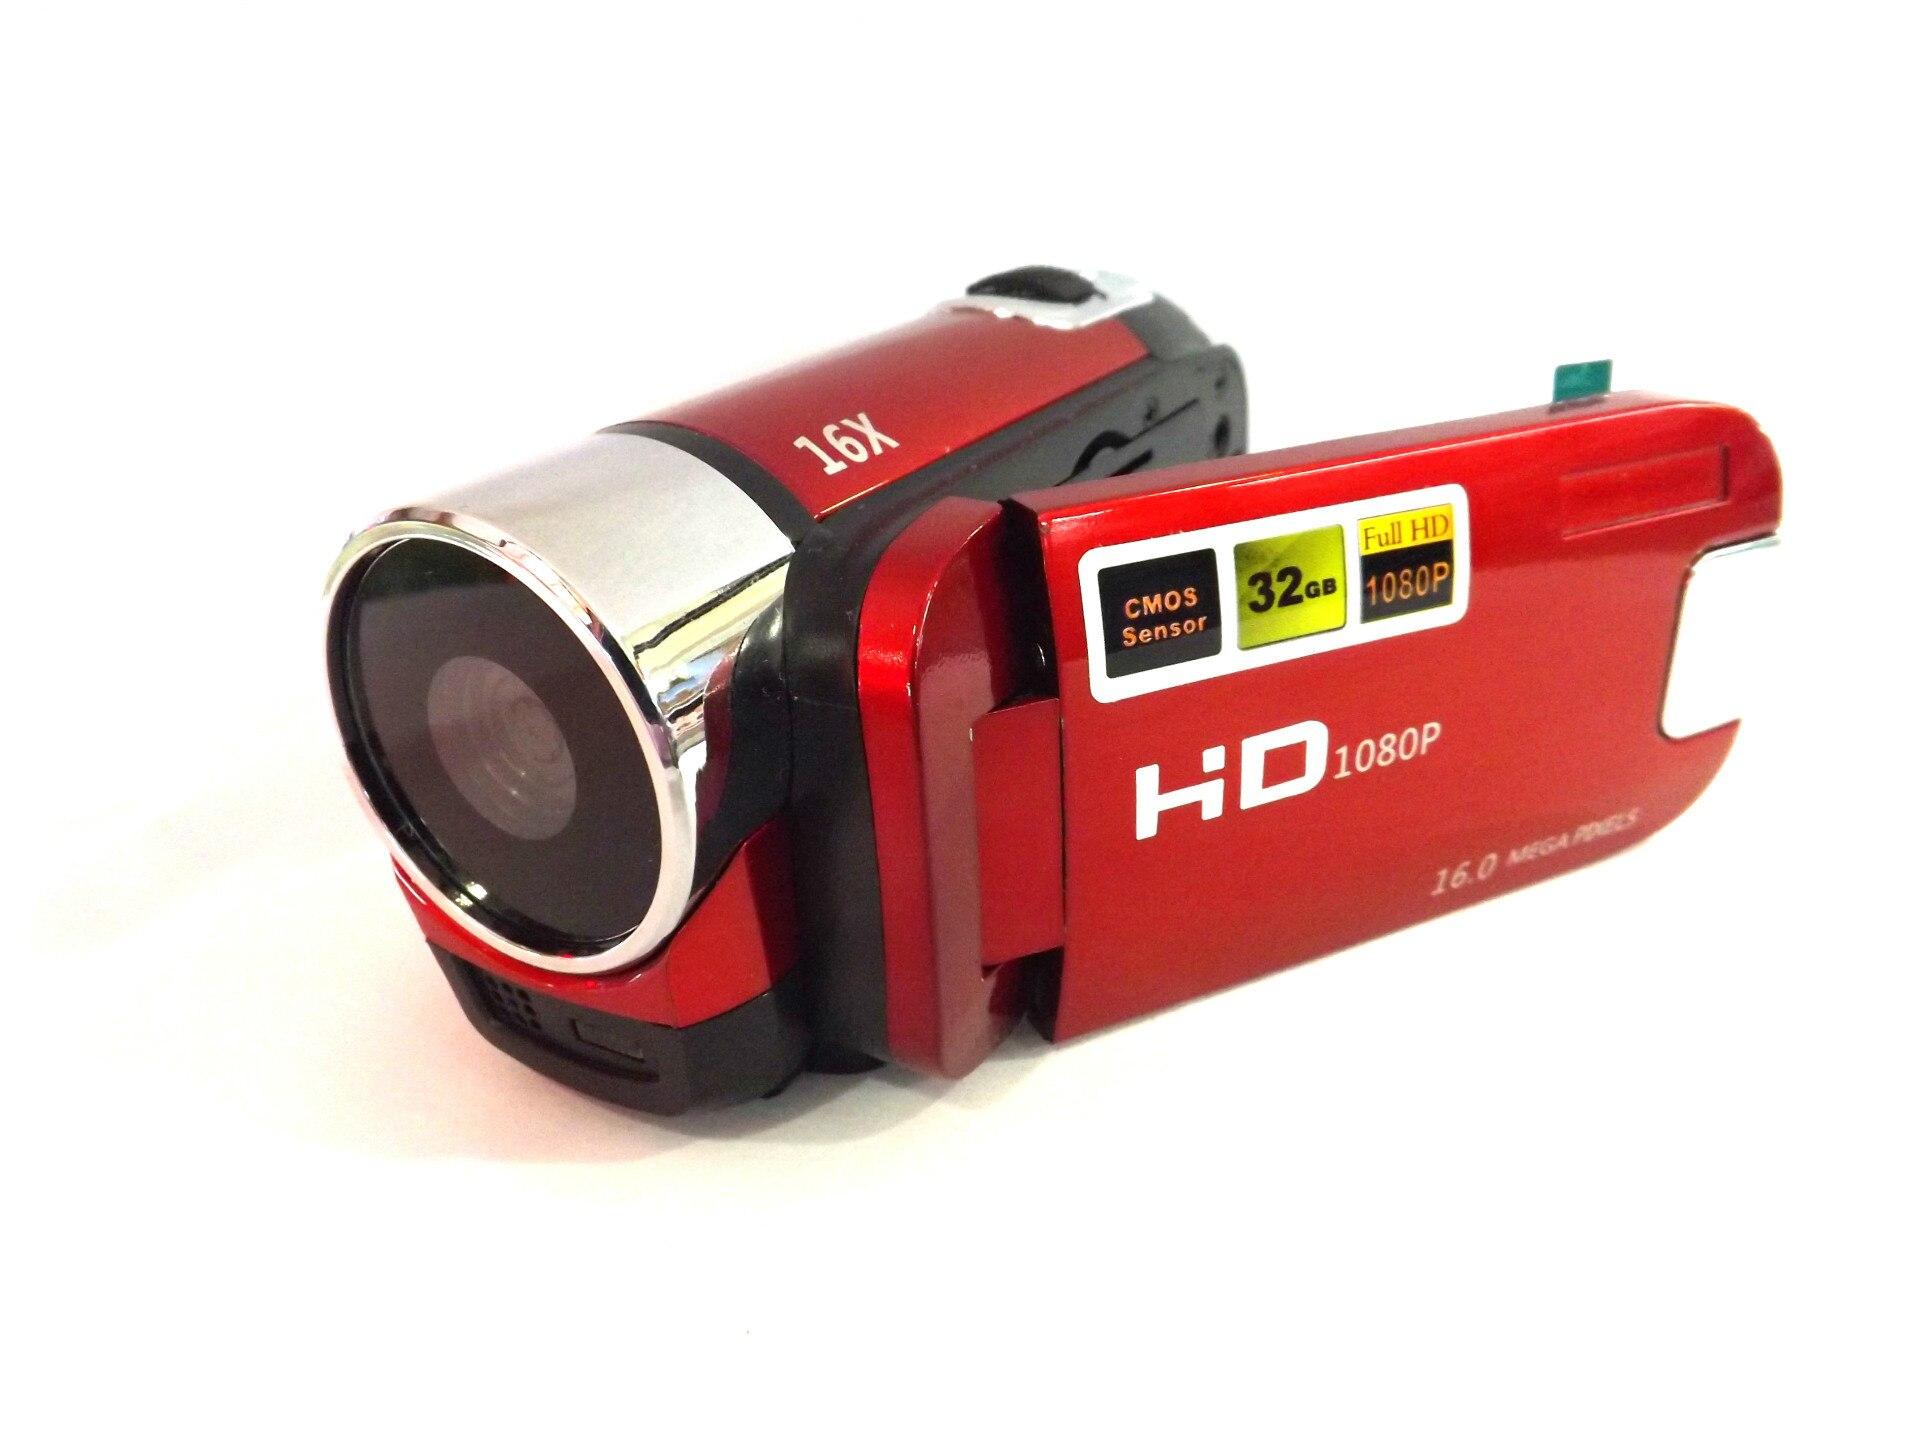 KaRue caméra vidéo numérique HD 1080P 32GB 16x Zoom Mini caméscope DV caméra prise en charge AVI 1080P 720P VGA - 6